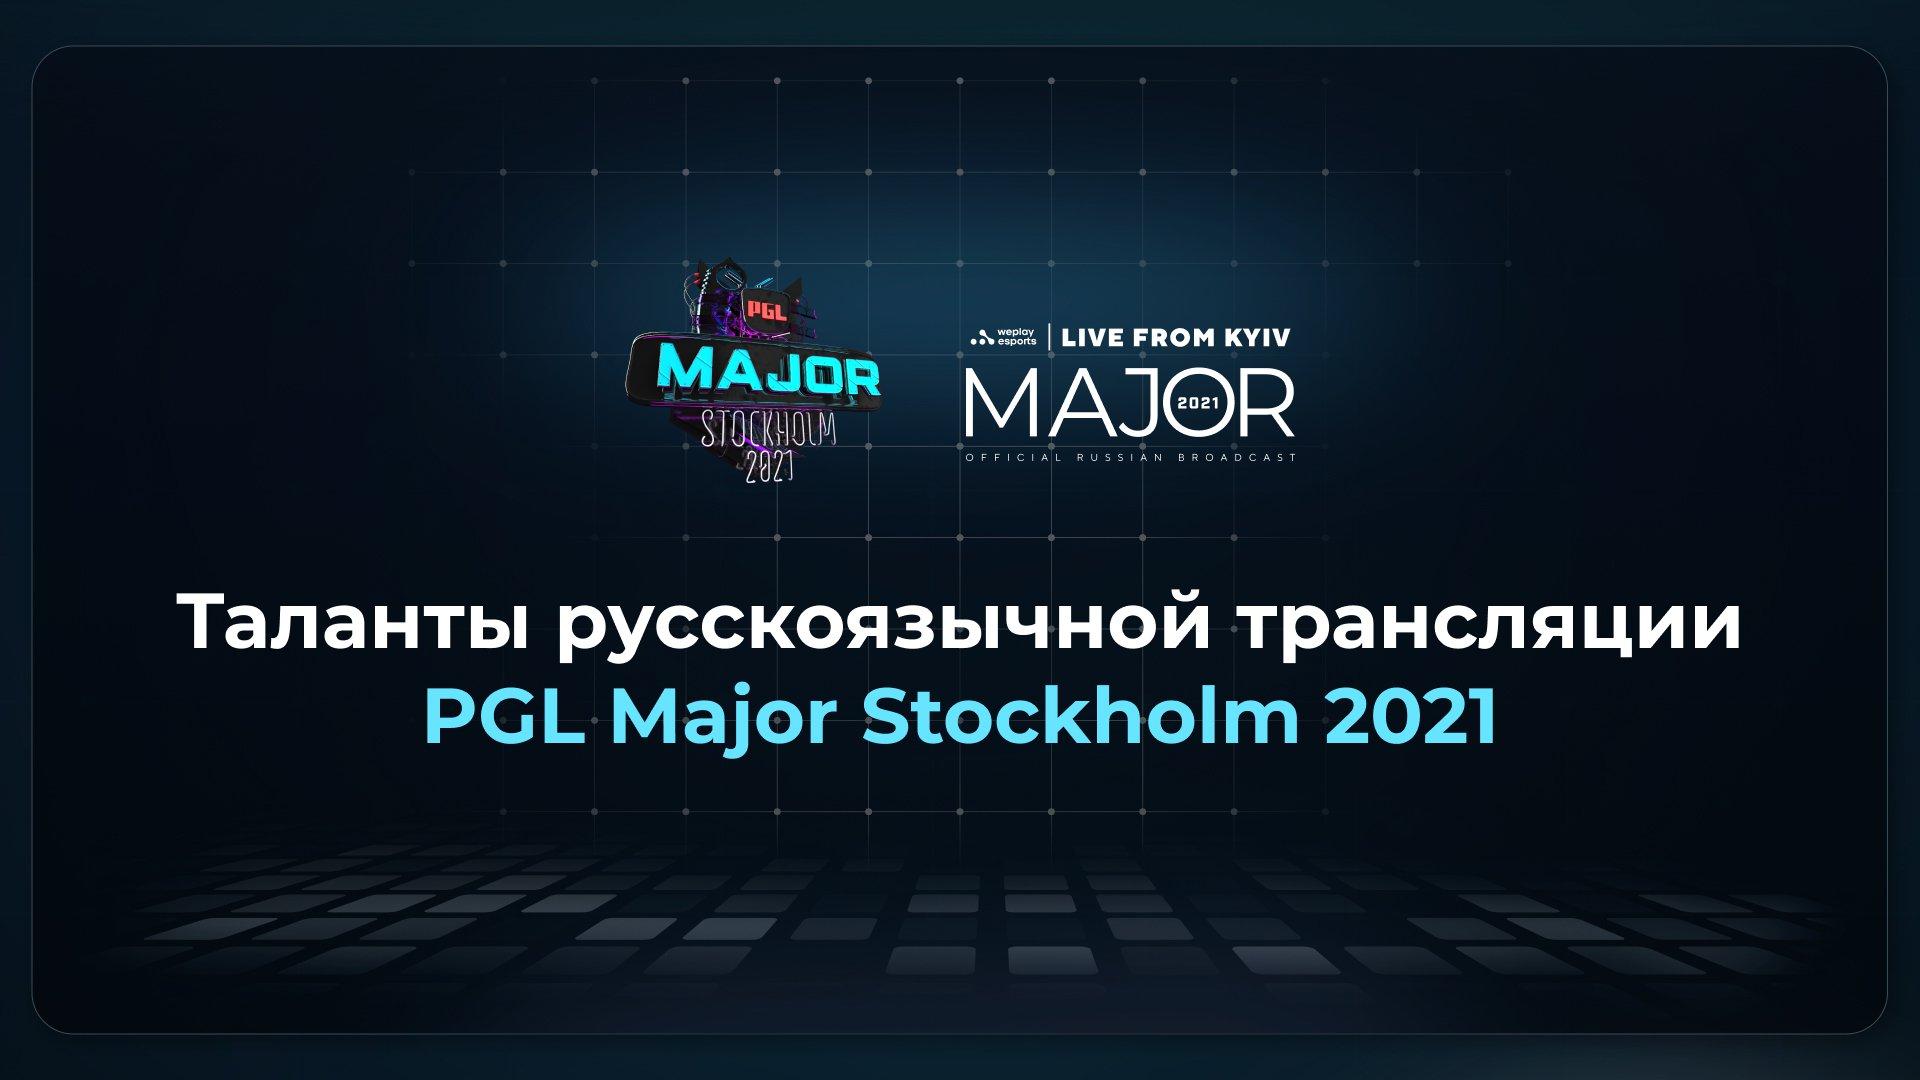 Объявлены таланты русскоязычной трансляции турнира PGL Major Stockholm 2021. Изображение: WePlay Holding